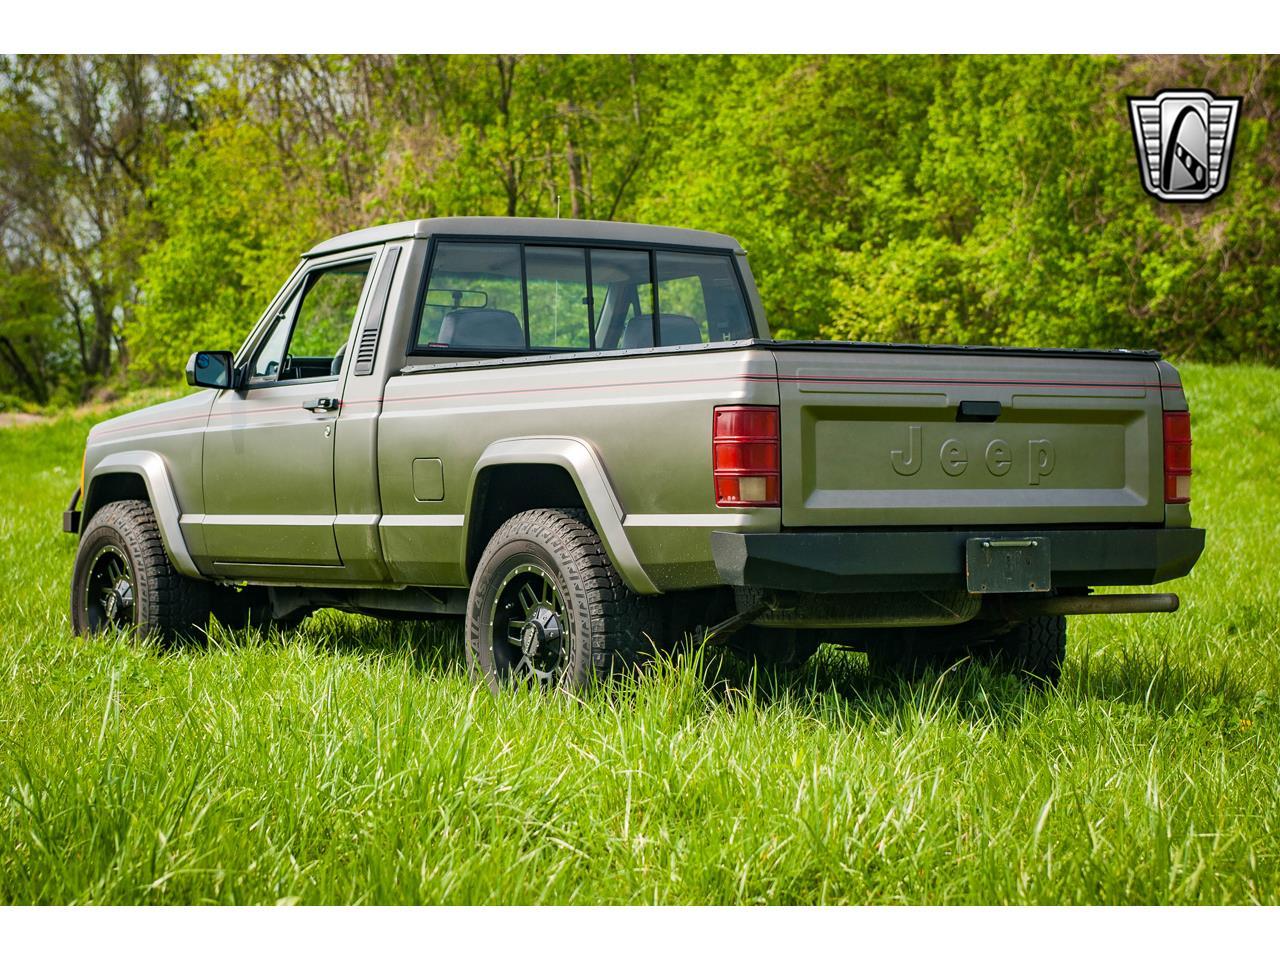 Large Picture of '90 Jeep Comanche located in Illinois - QB8P